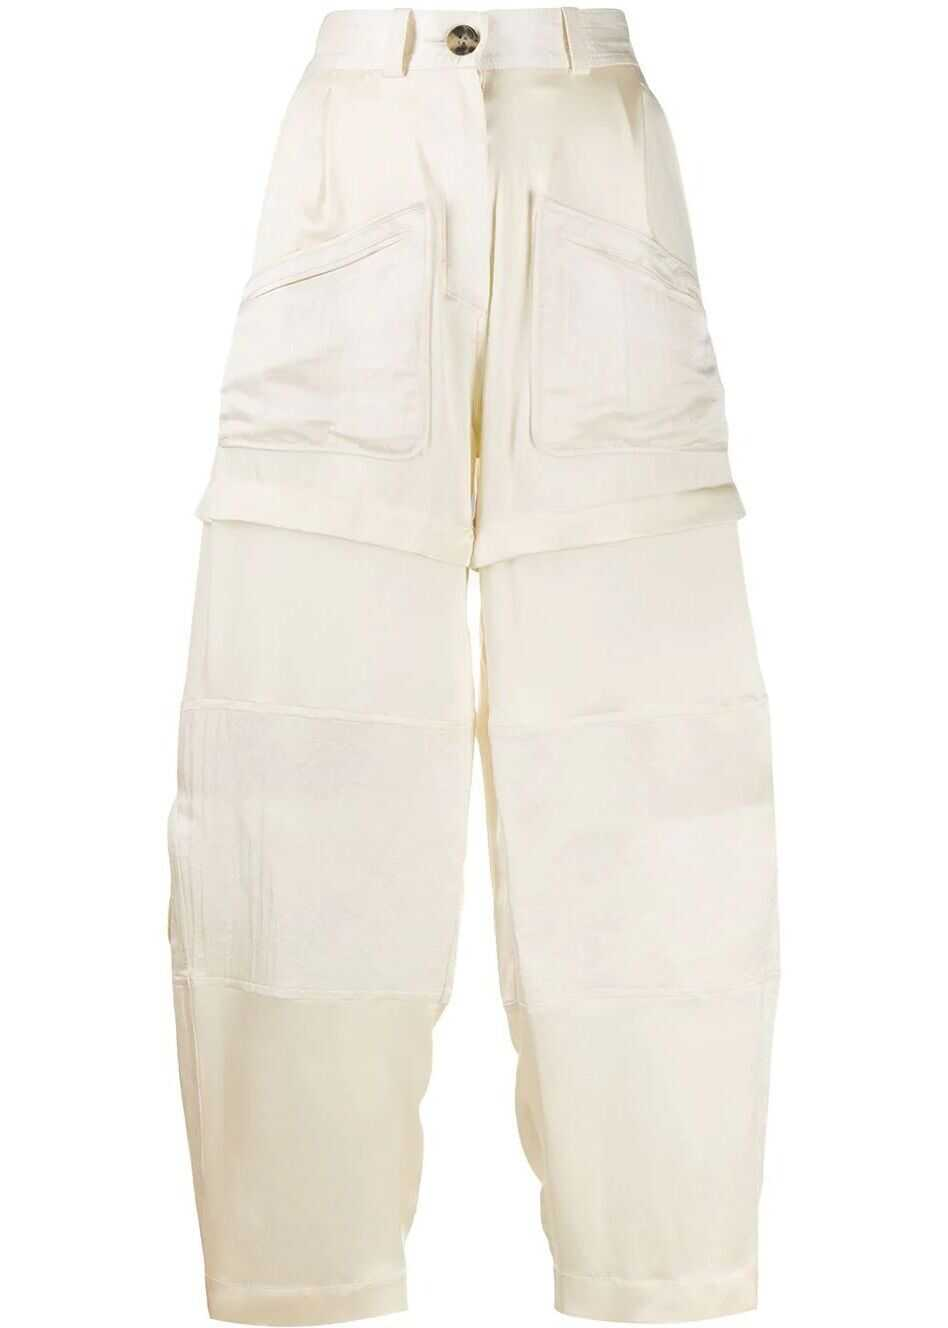 Lanvin Silk Pants BEIGE